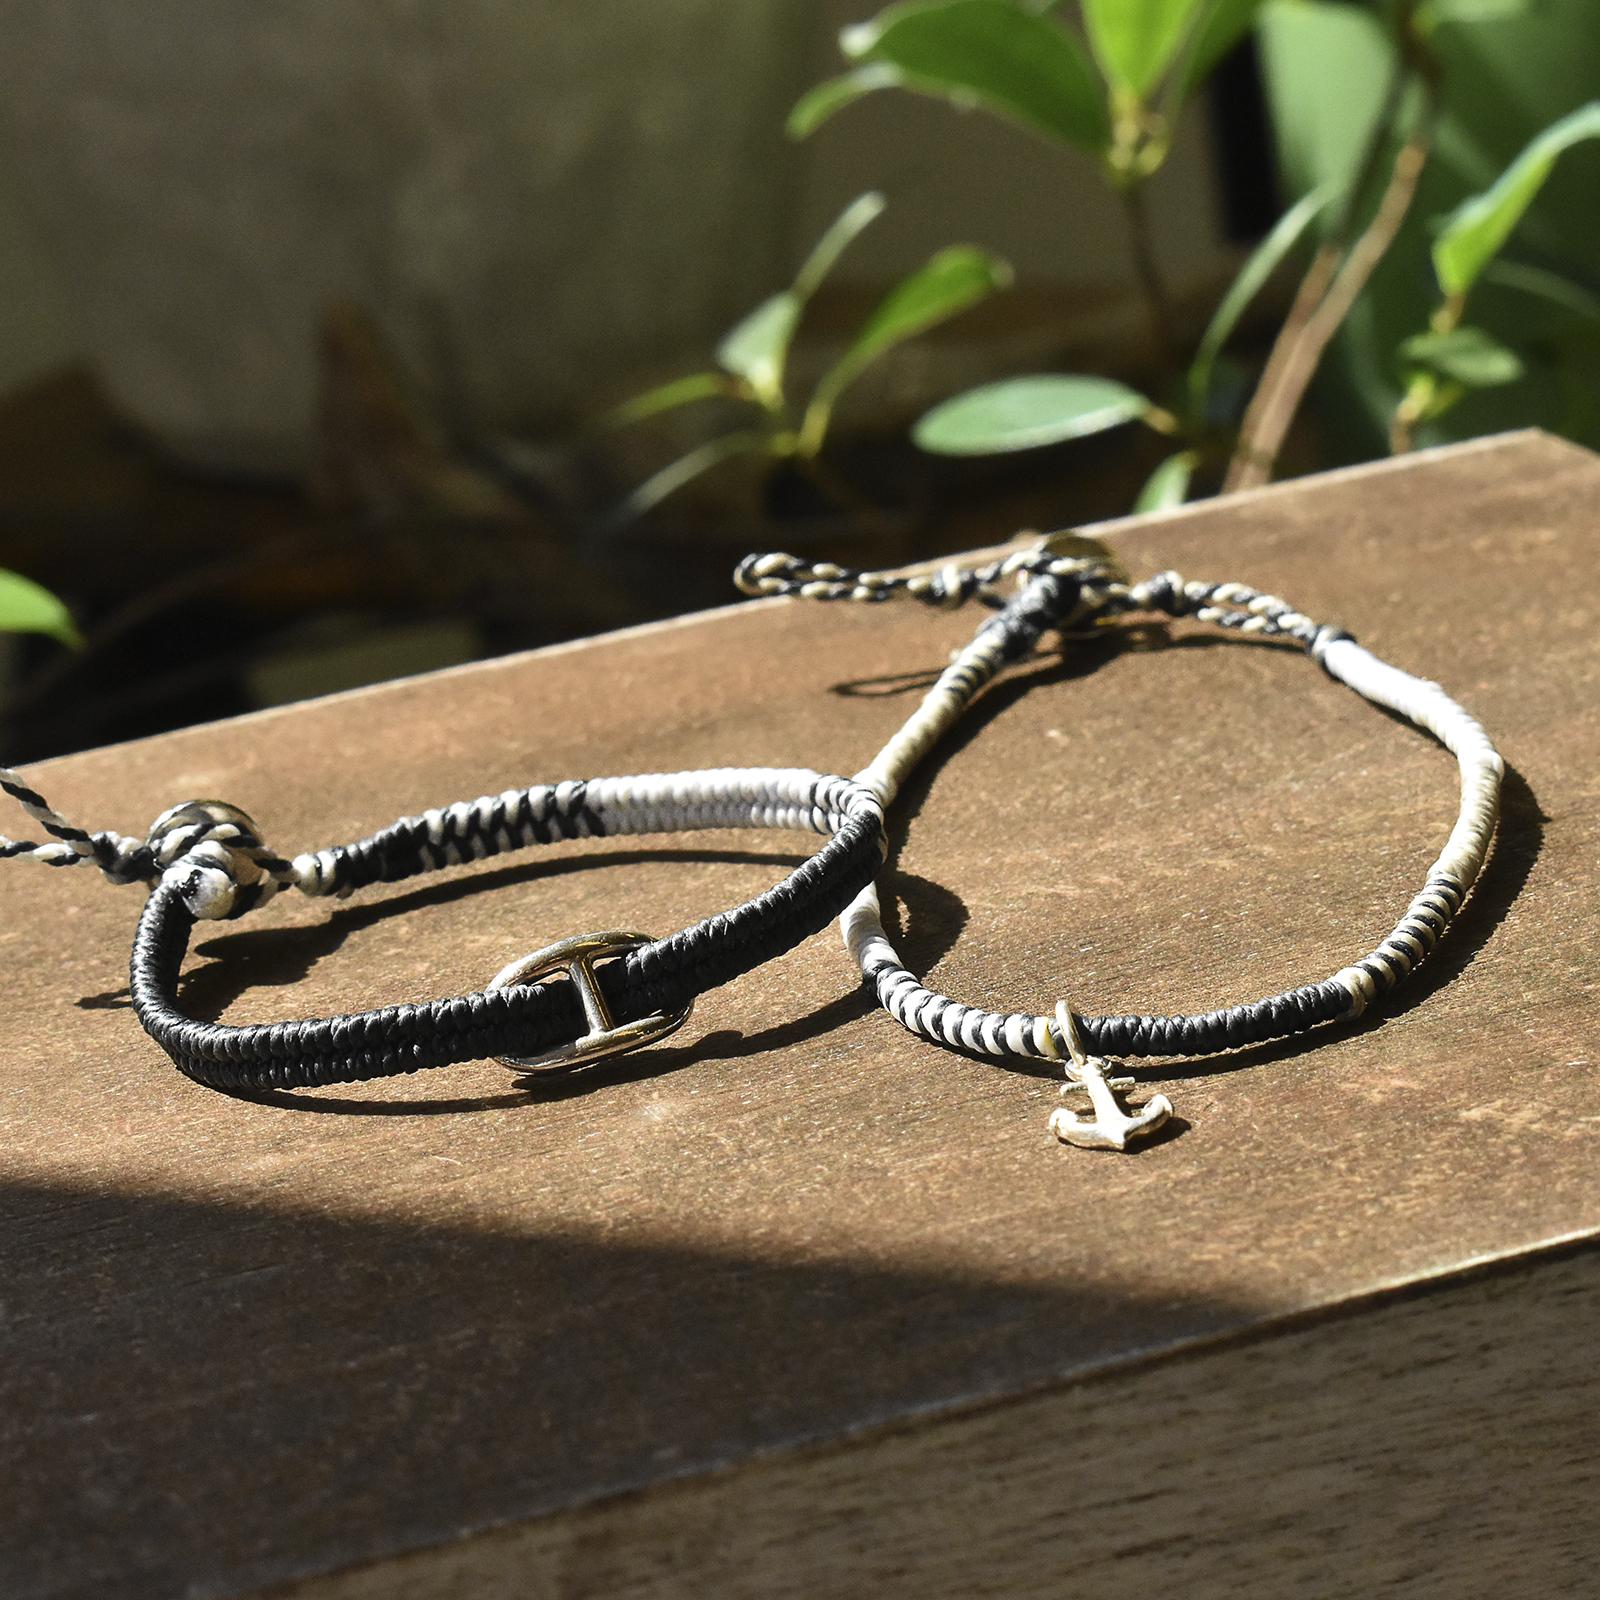 Collaboration Braid Bracelet & Anklet